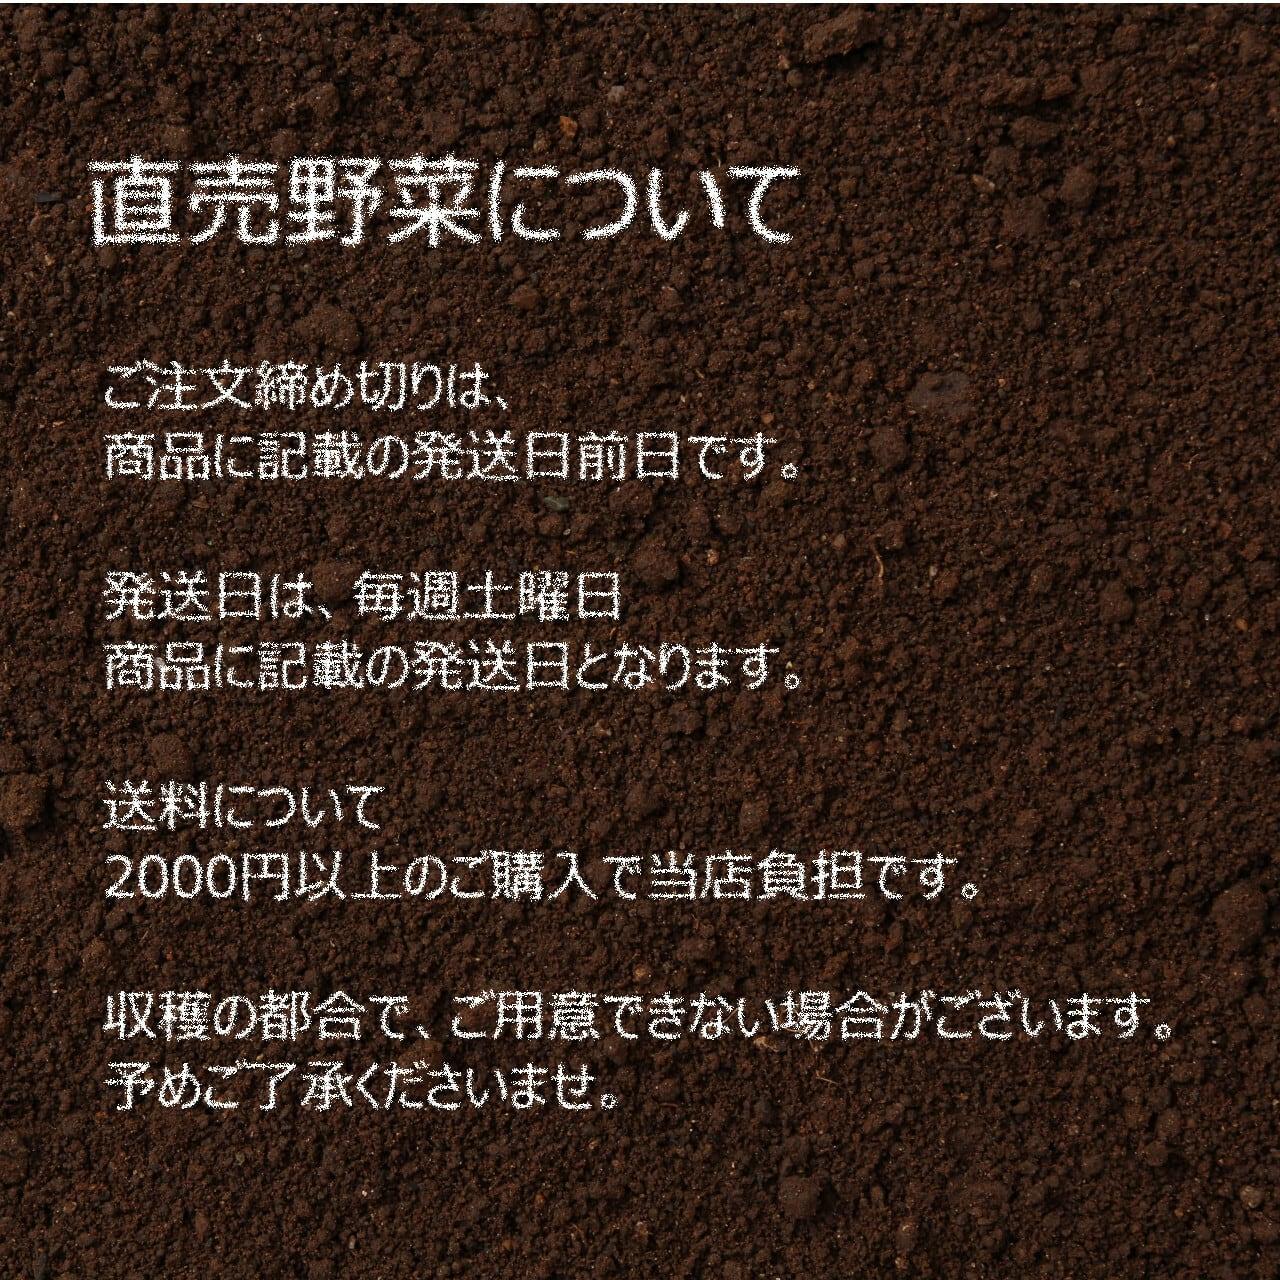 新鮮な秋野菜 : ニラ 約200g 9月の朝採り直売野菜 9月21日発送予定